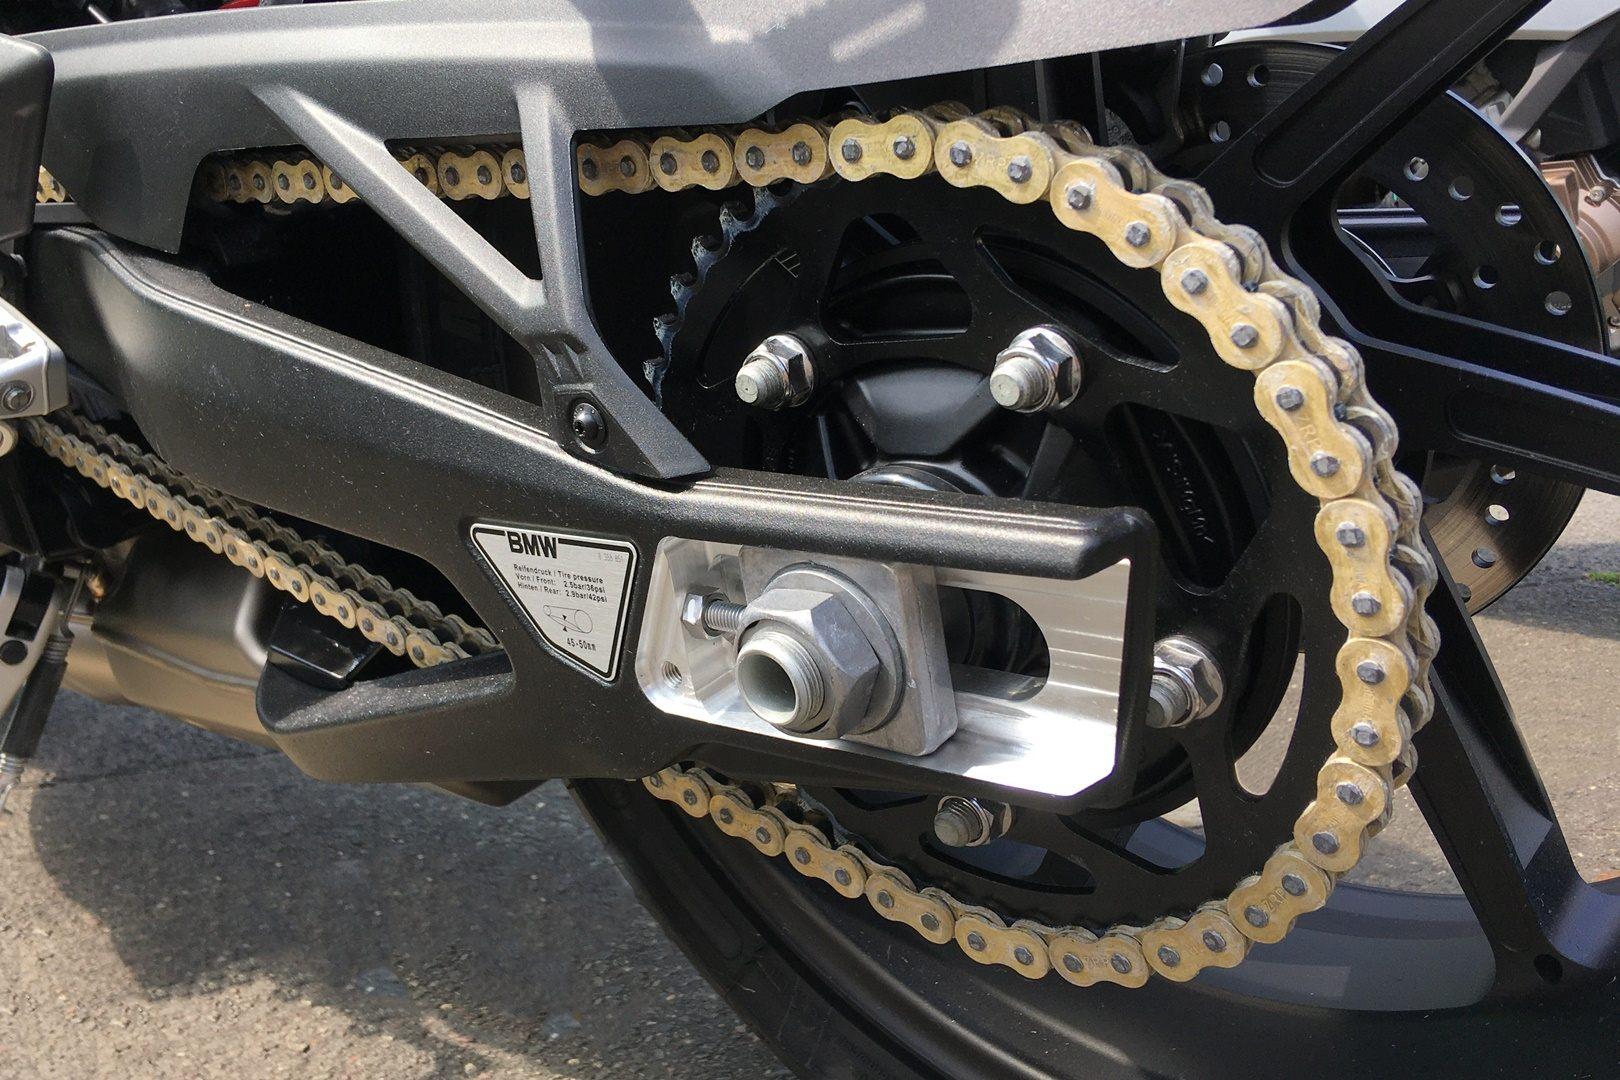 BMW inventa la M Endurance, la cadena de moto libre de mantenimiento